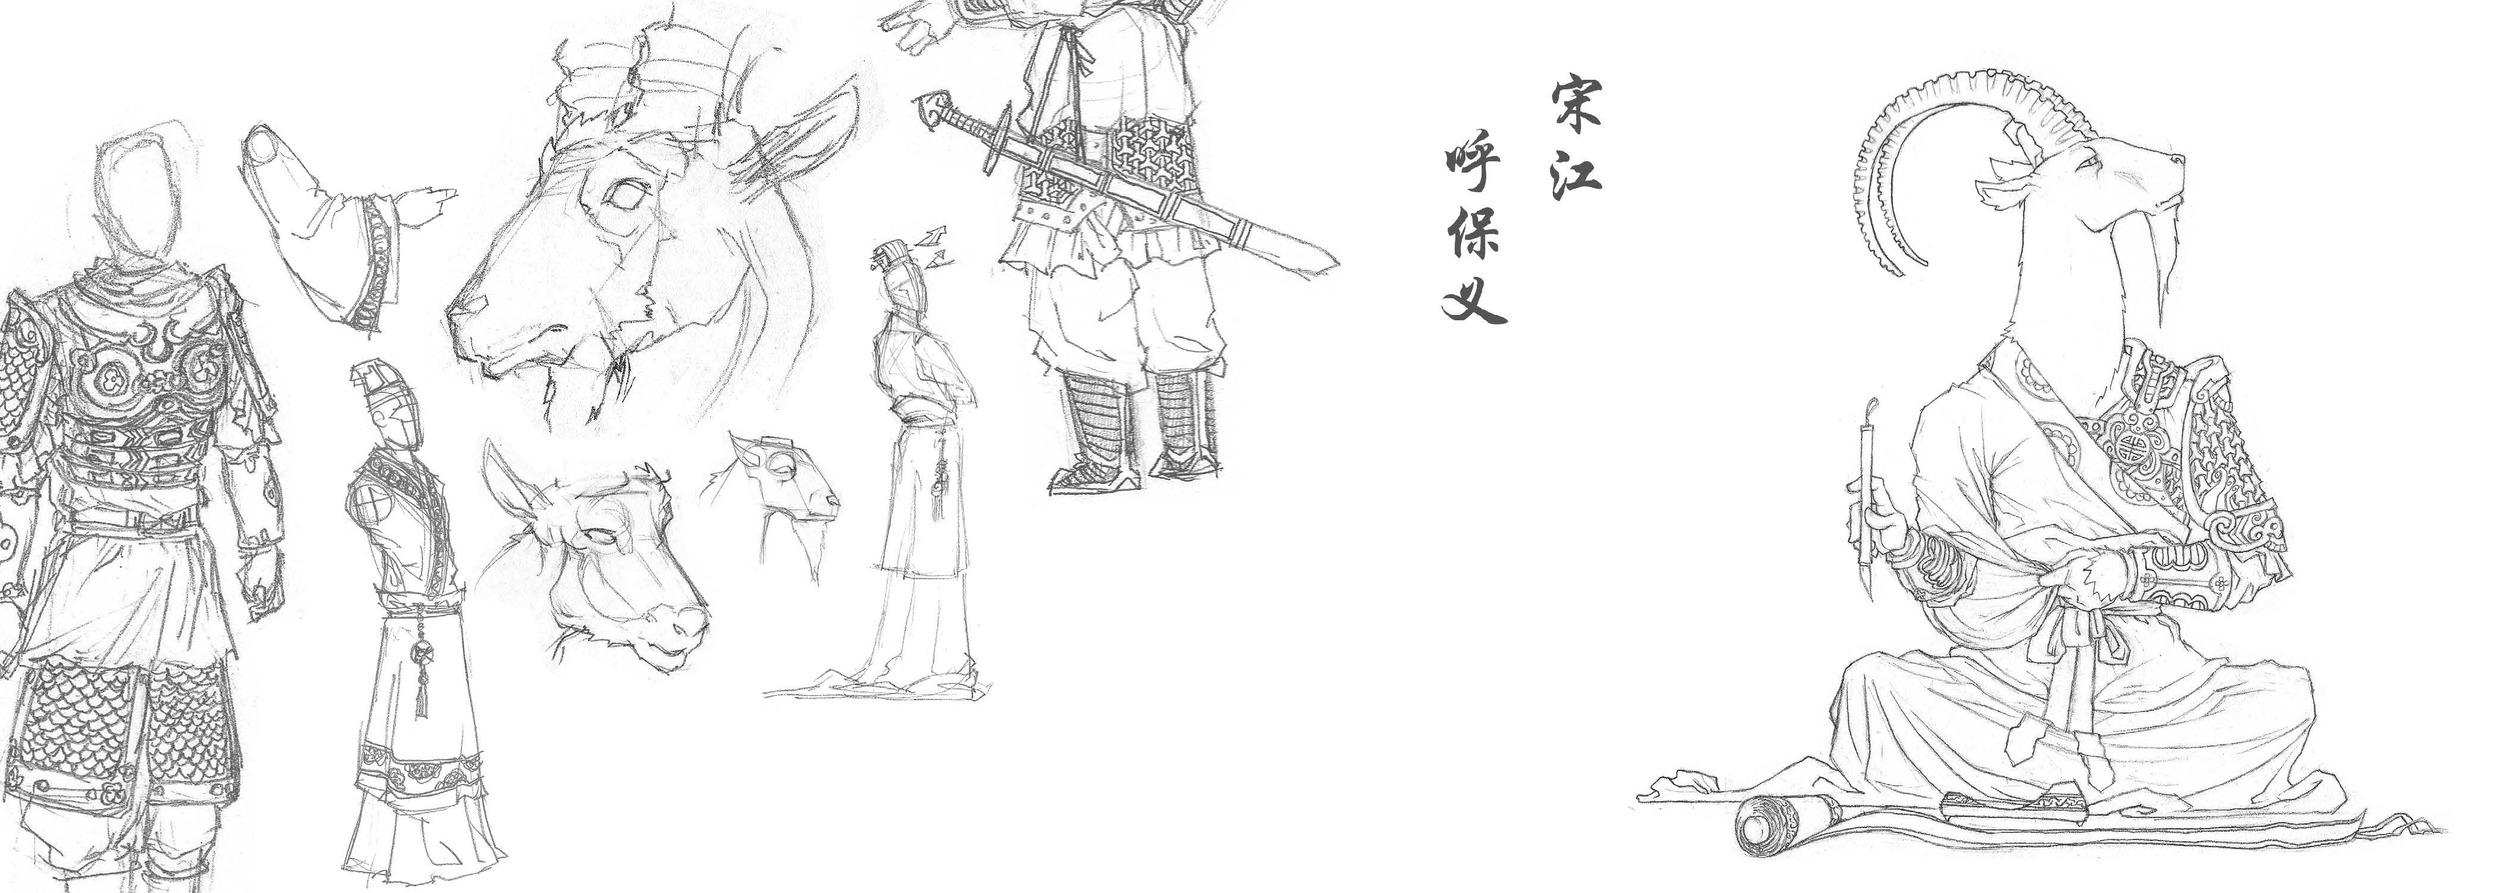 Ivan Louey - Sketch book web_Page_04.jpg